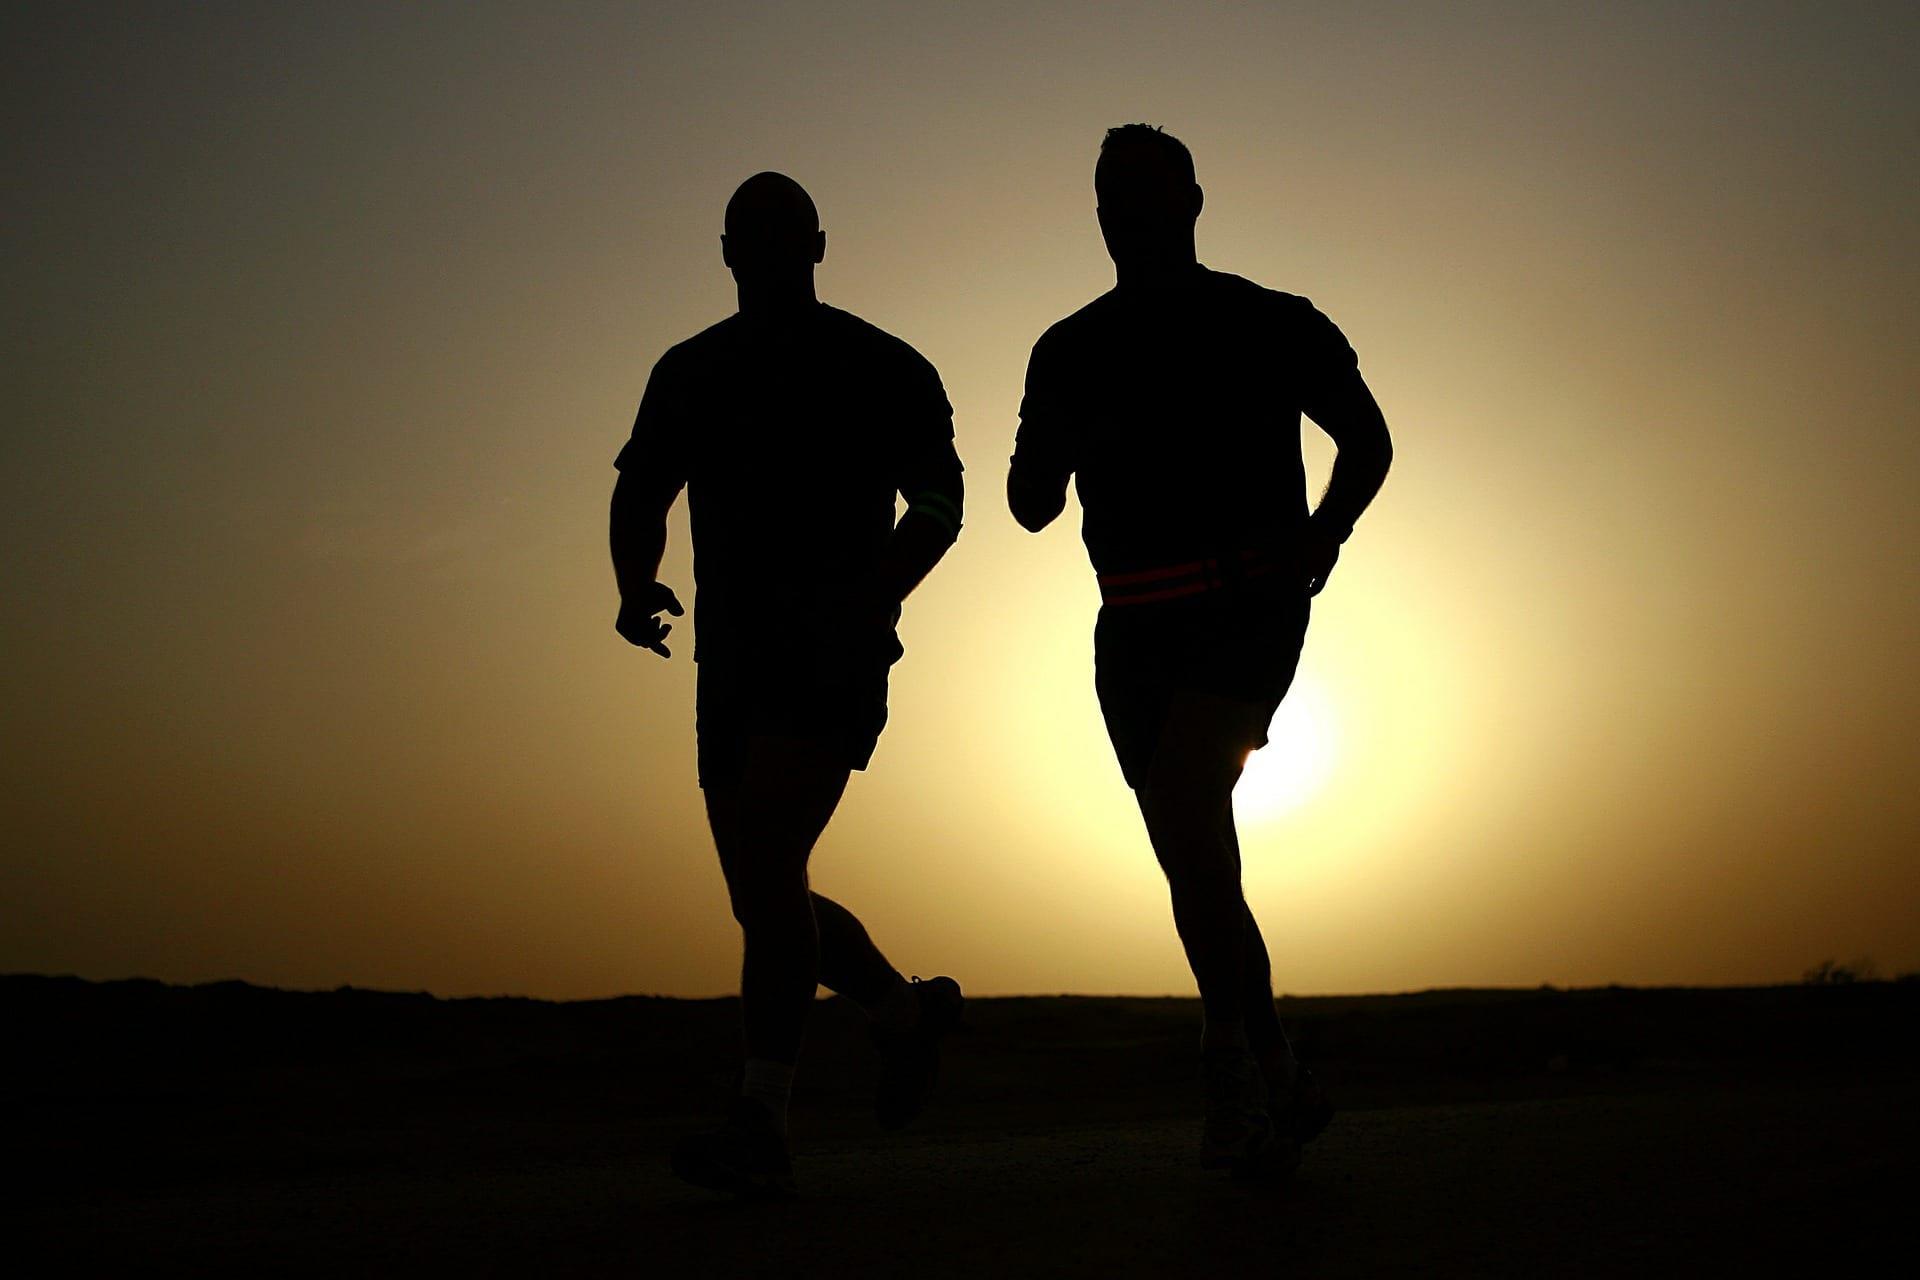 спорт бег спортсмены фото